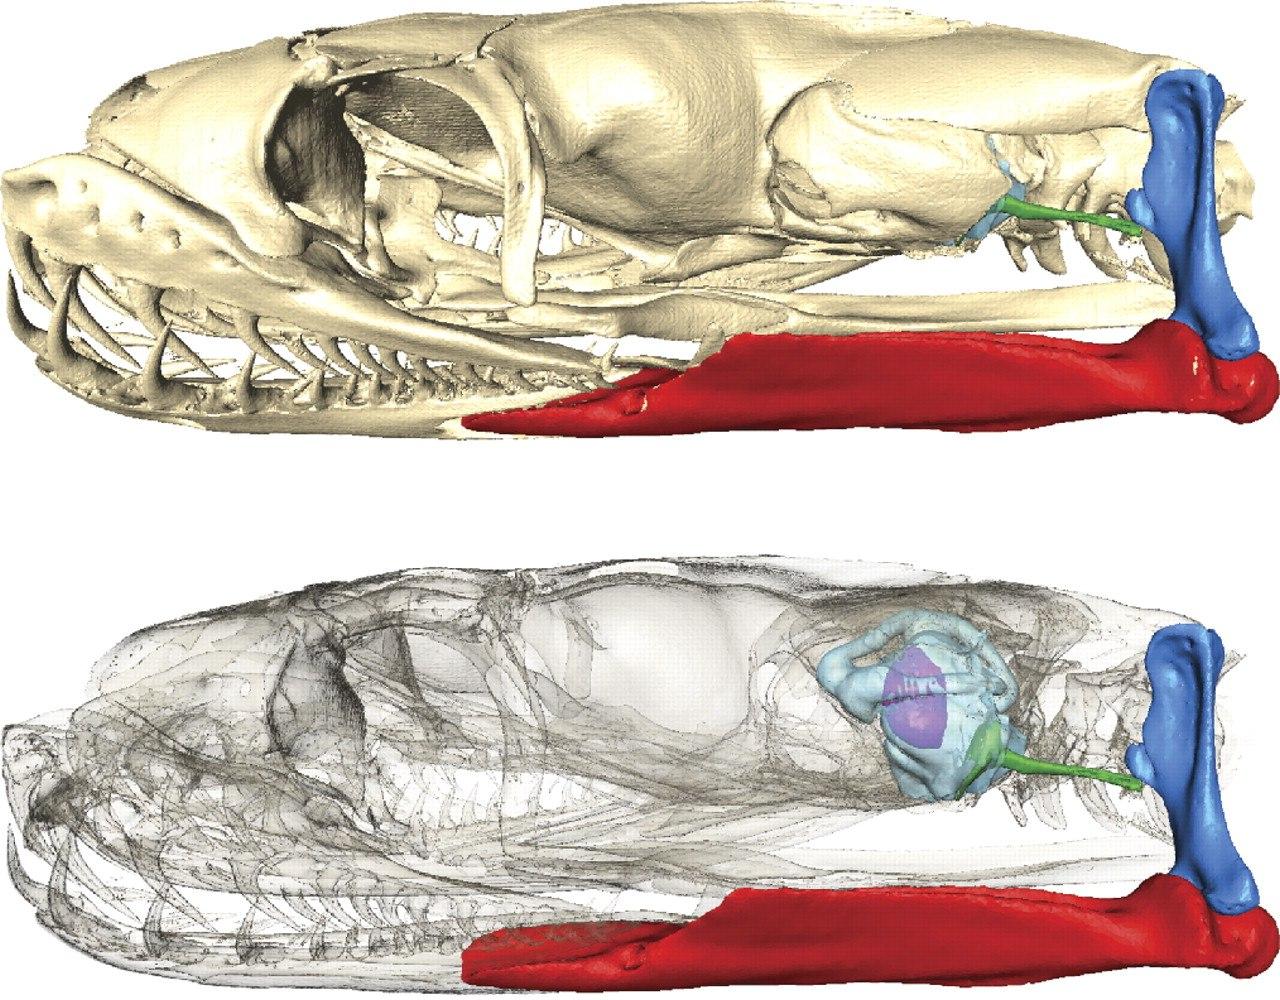 Череп королевского питона. Зеленое - слуховая косточка. Синяя - квадратная кость. Красное - сочленовная.